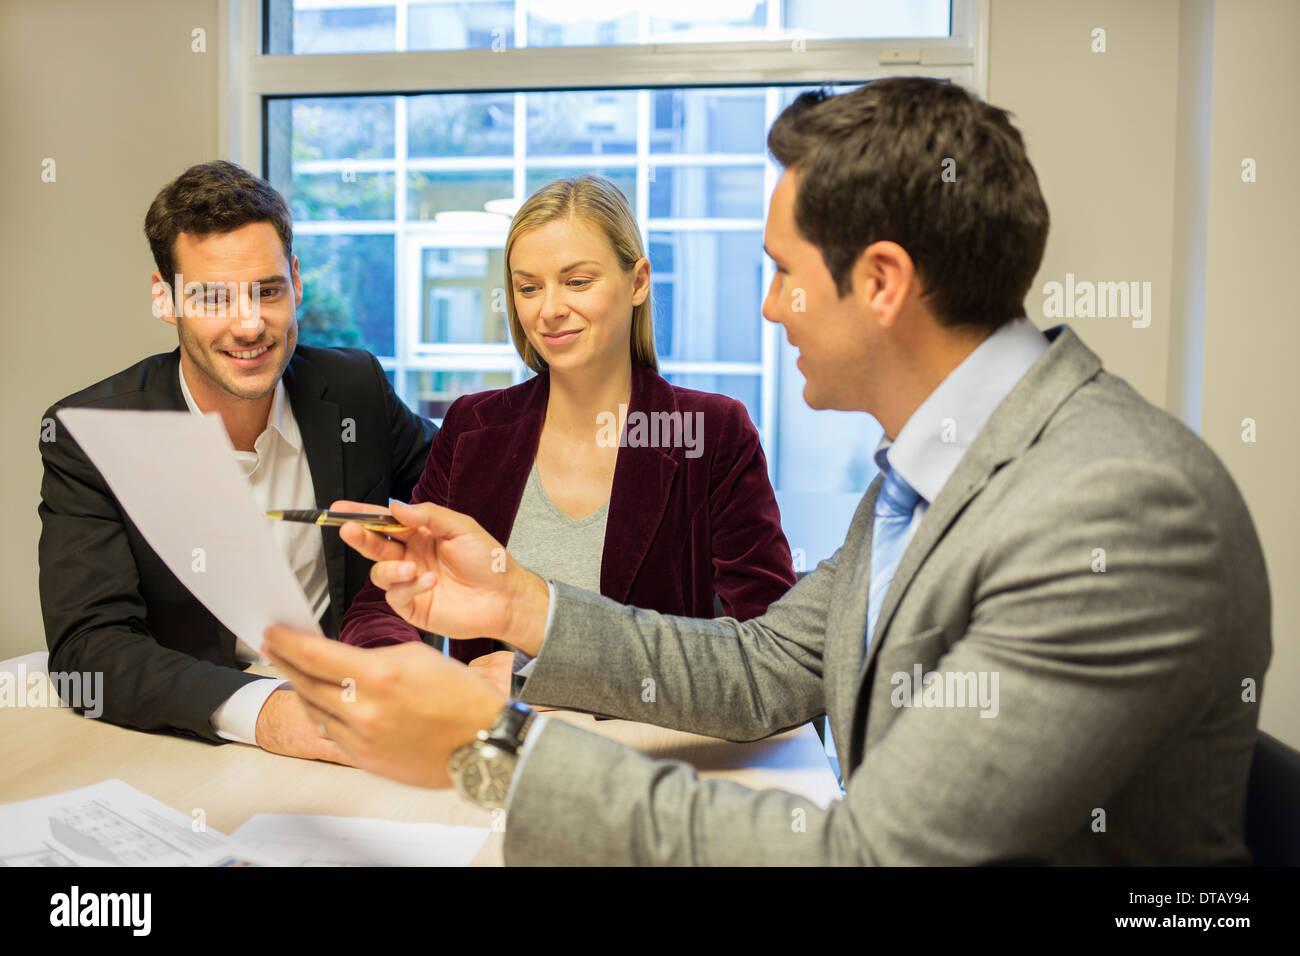 Coppia giovane firma contratto in office withe immobili, nuovi proprietari Immagini Stock